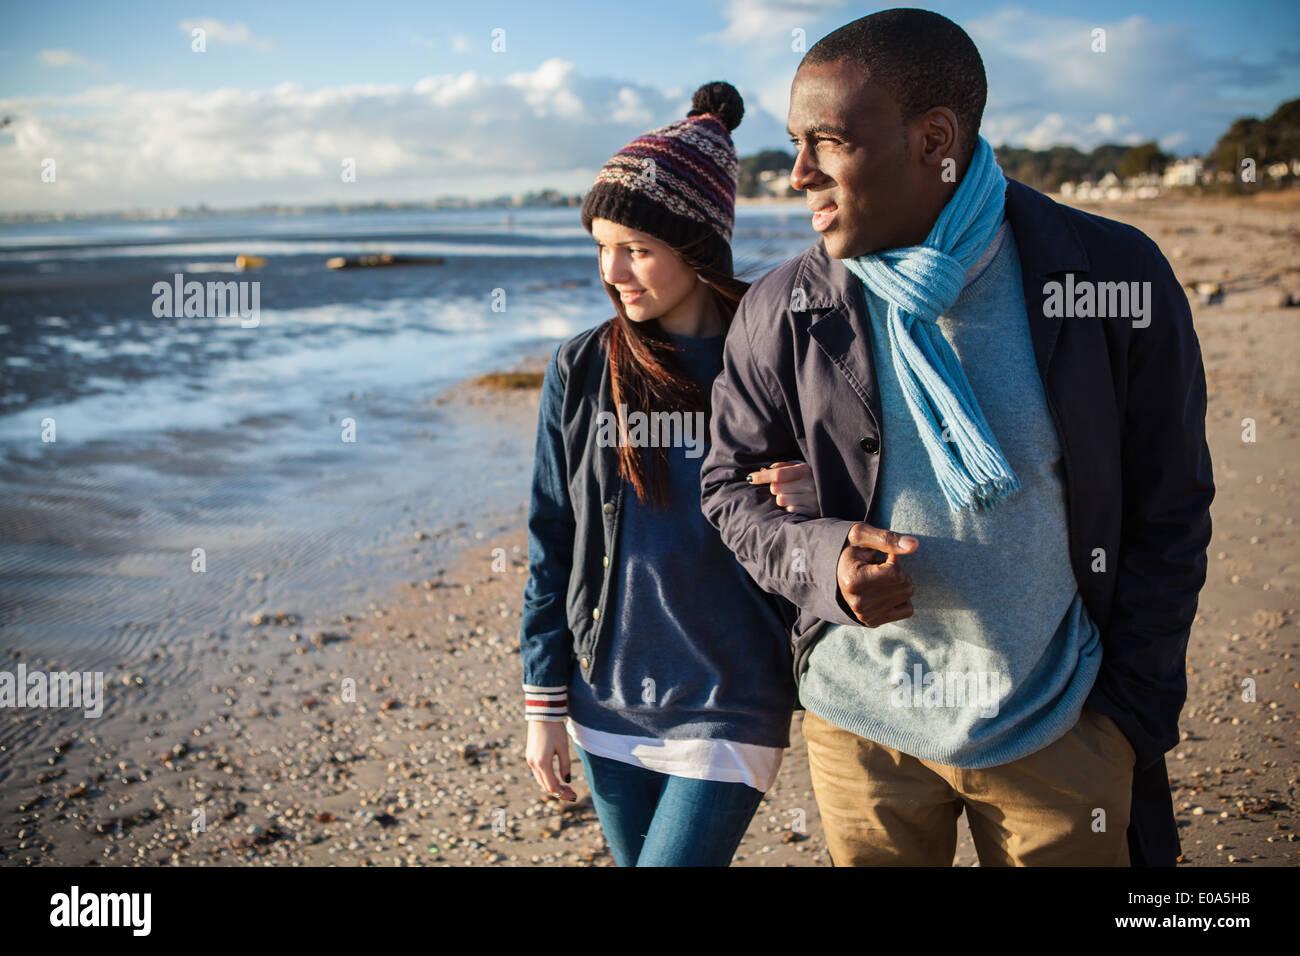 Romantico coppia giovane a braccetto sulla spiaggia Immagini Stock